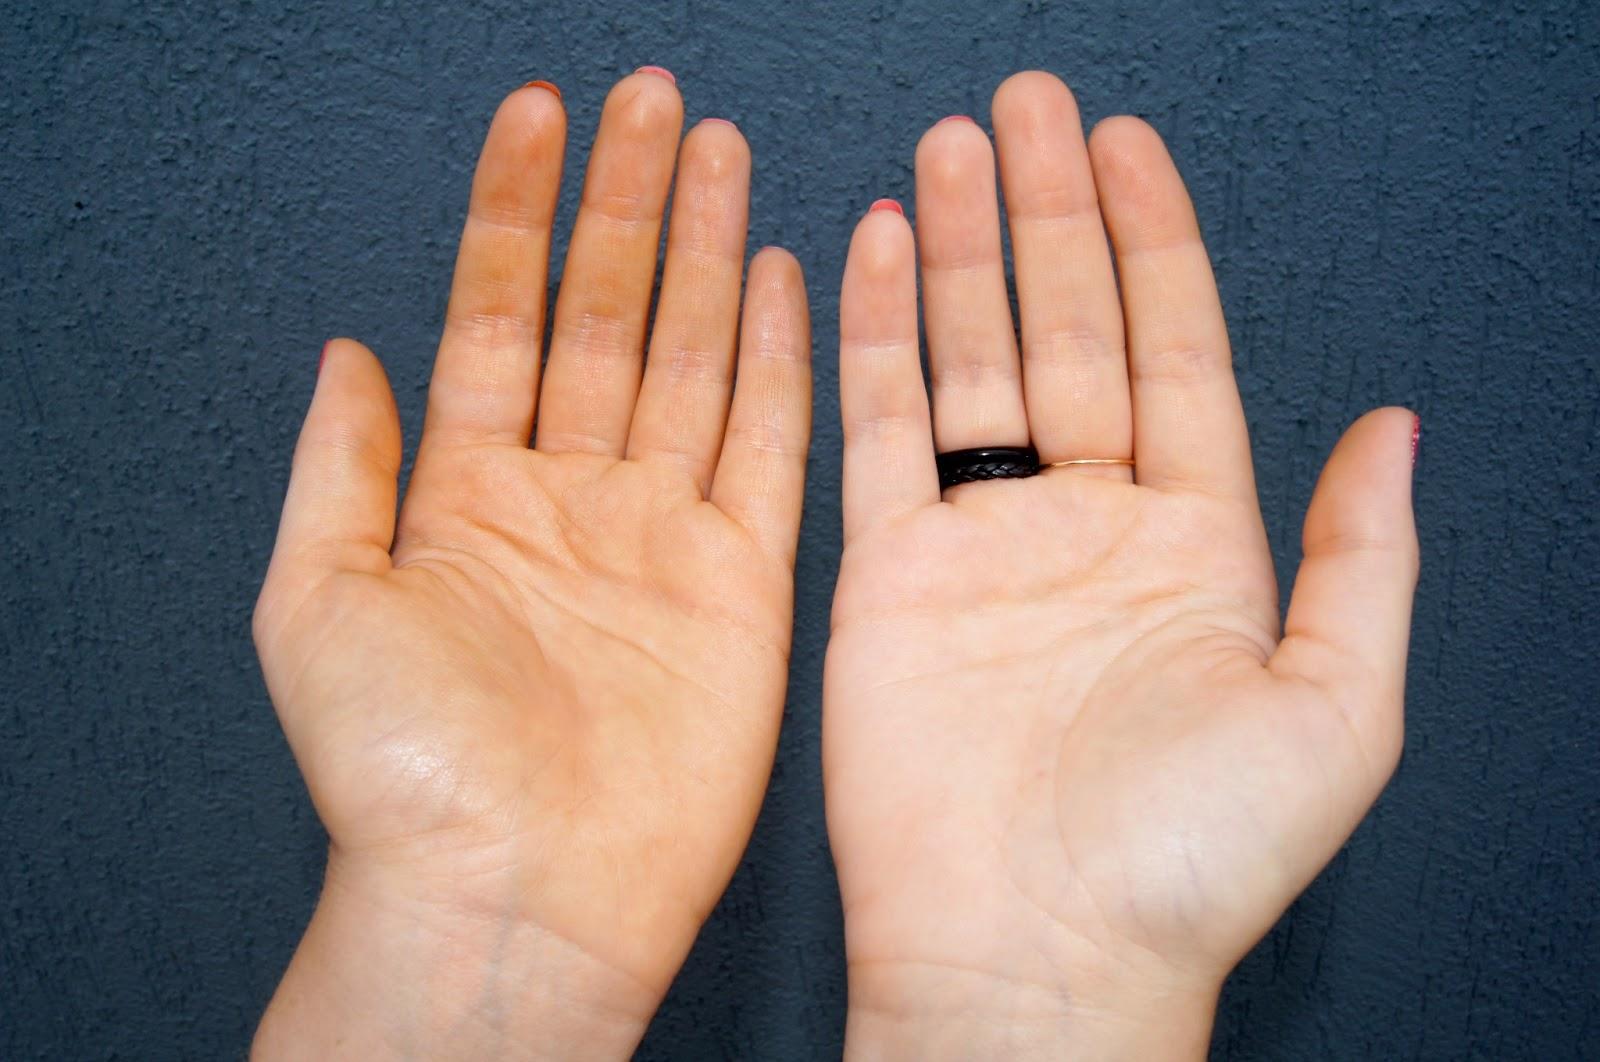 apparition de taches oranges sur les mains